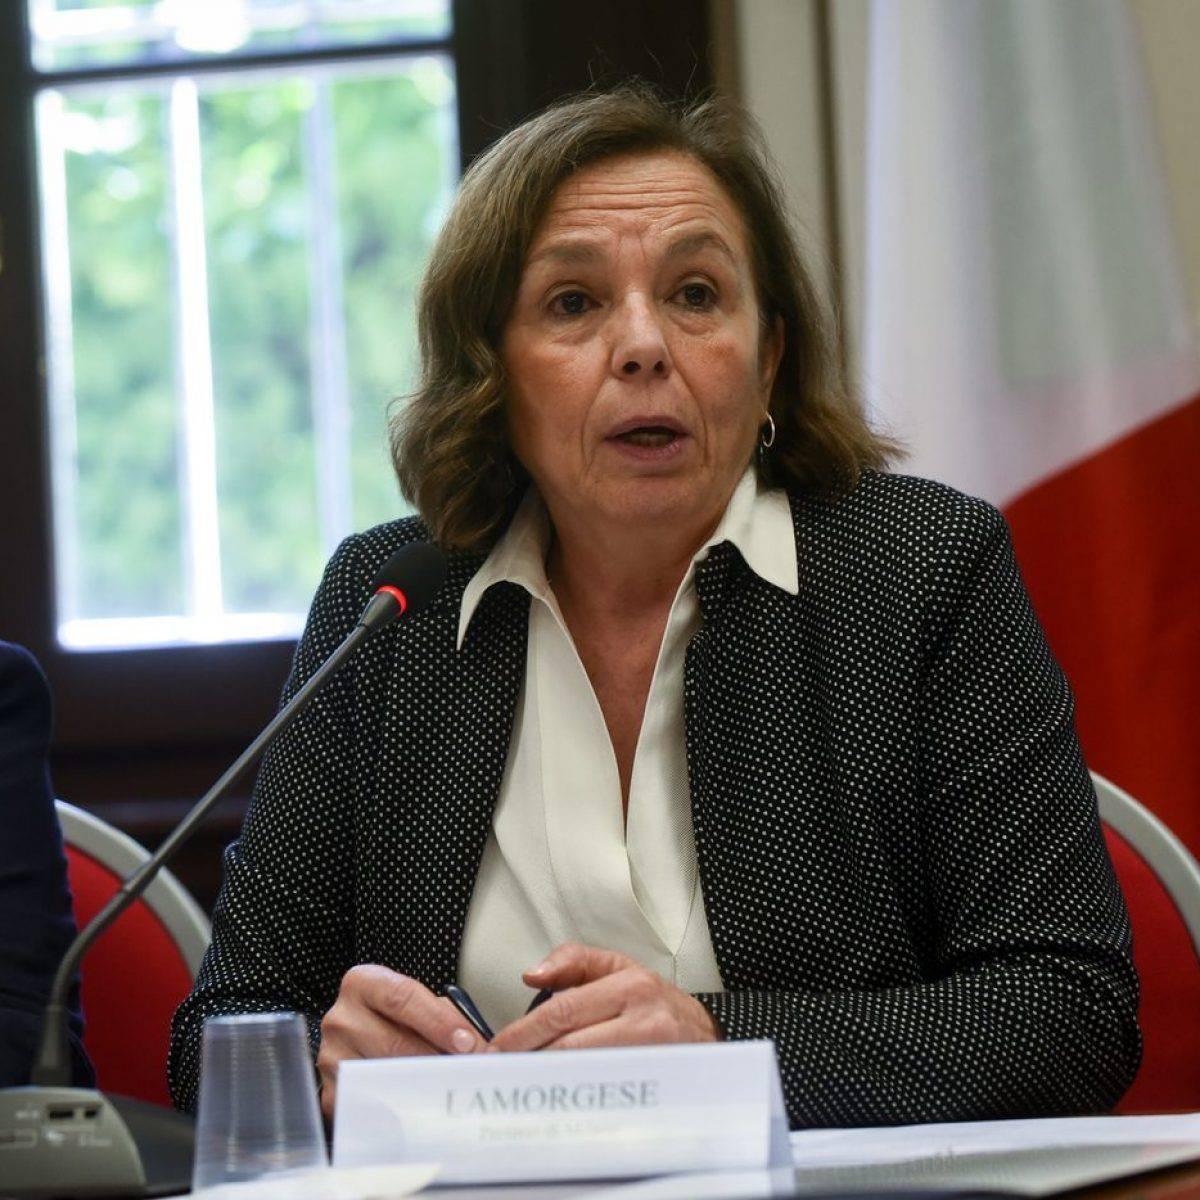 """Aggressione razzista a Palermo, Lamorgese: """"Ennesimo episodio, preoccupati dal clima nel Paese"""" - Leggilo.org"""